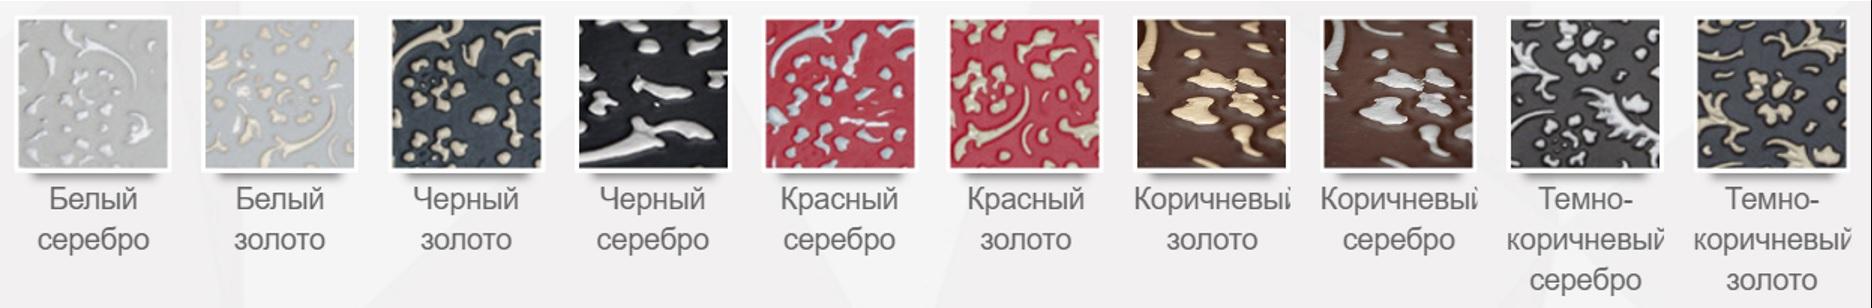 Возможные цвета и варианты кожаных панелей 3D